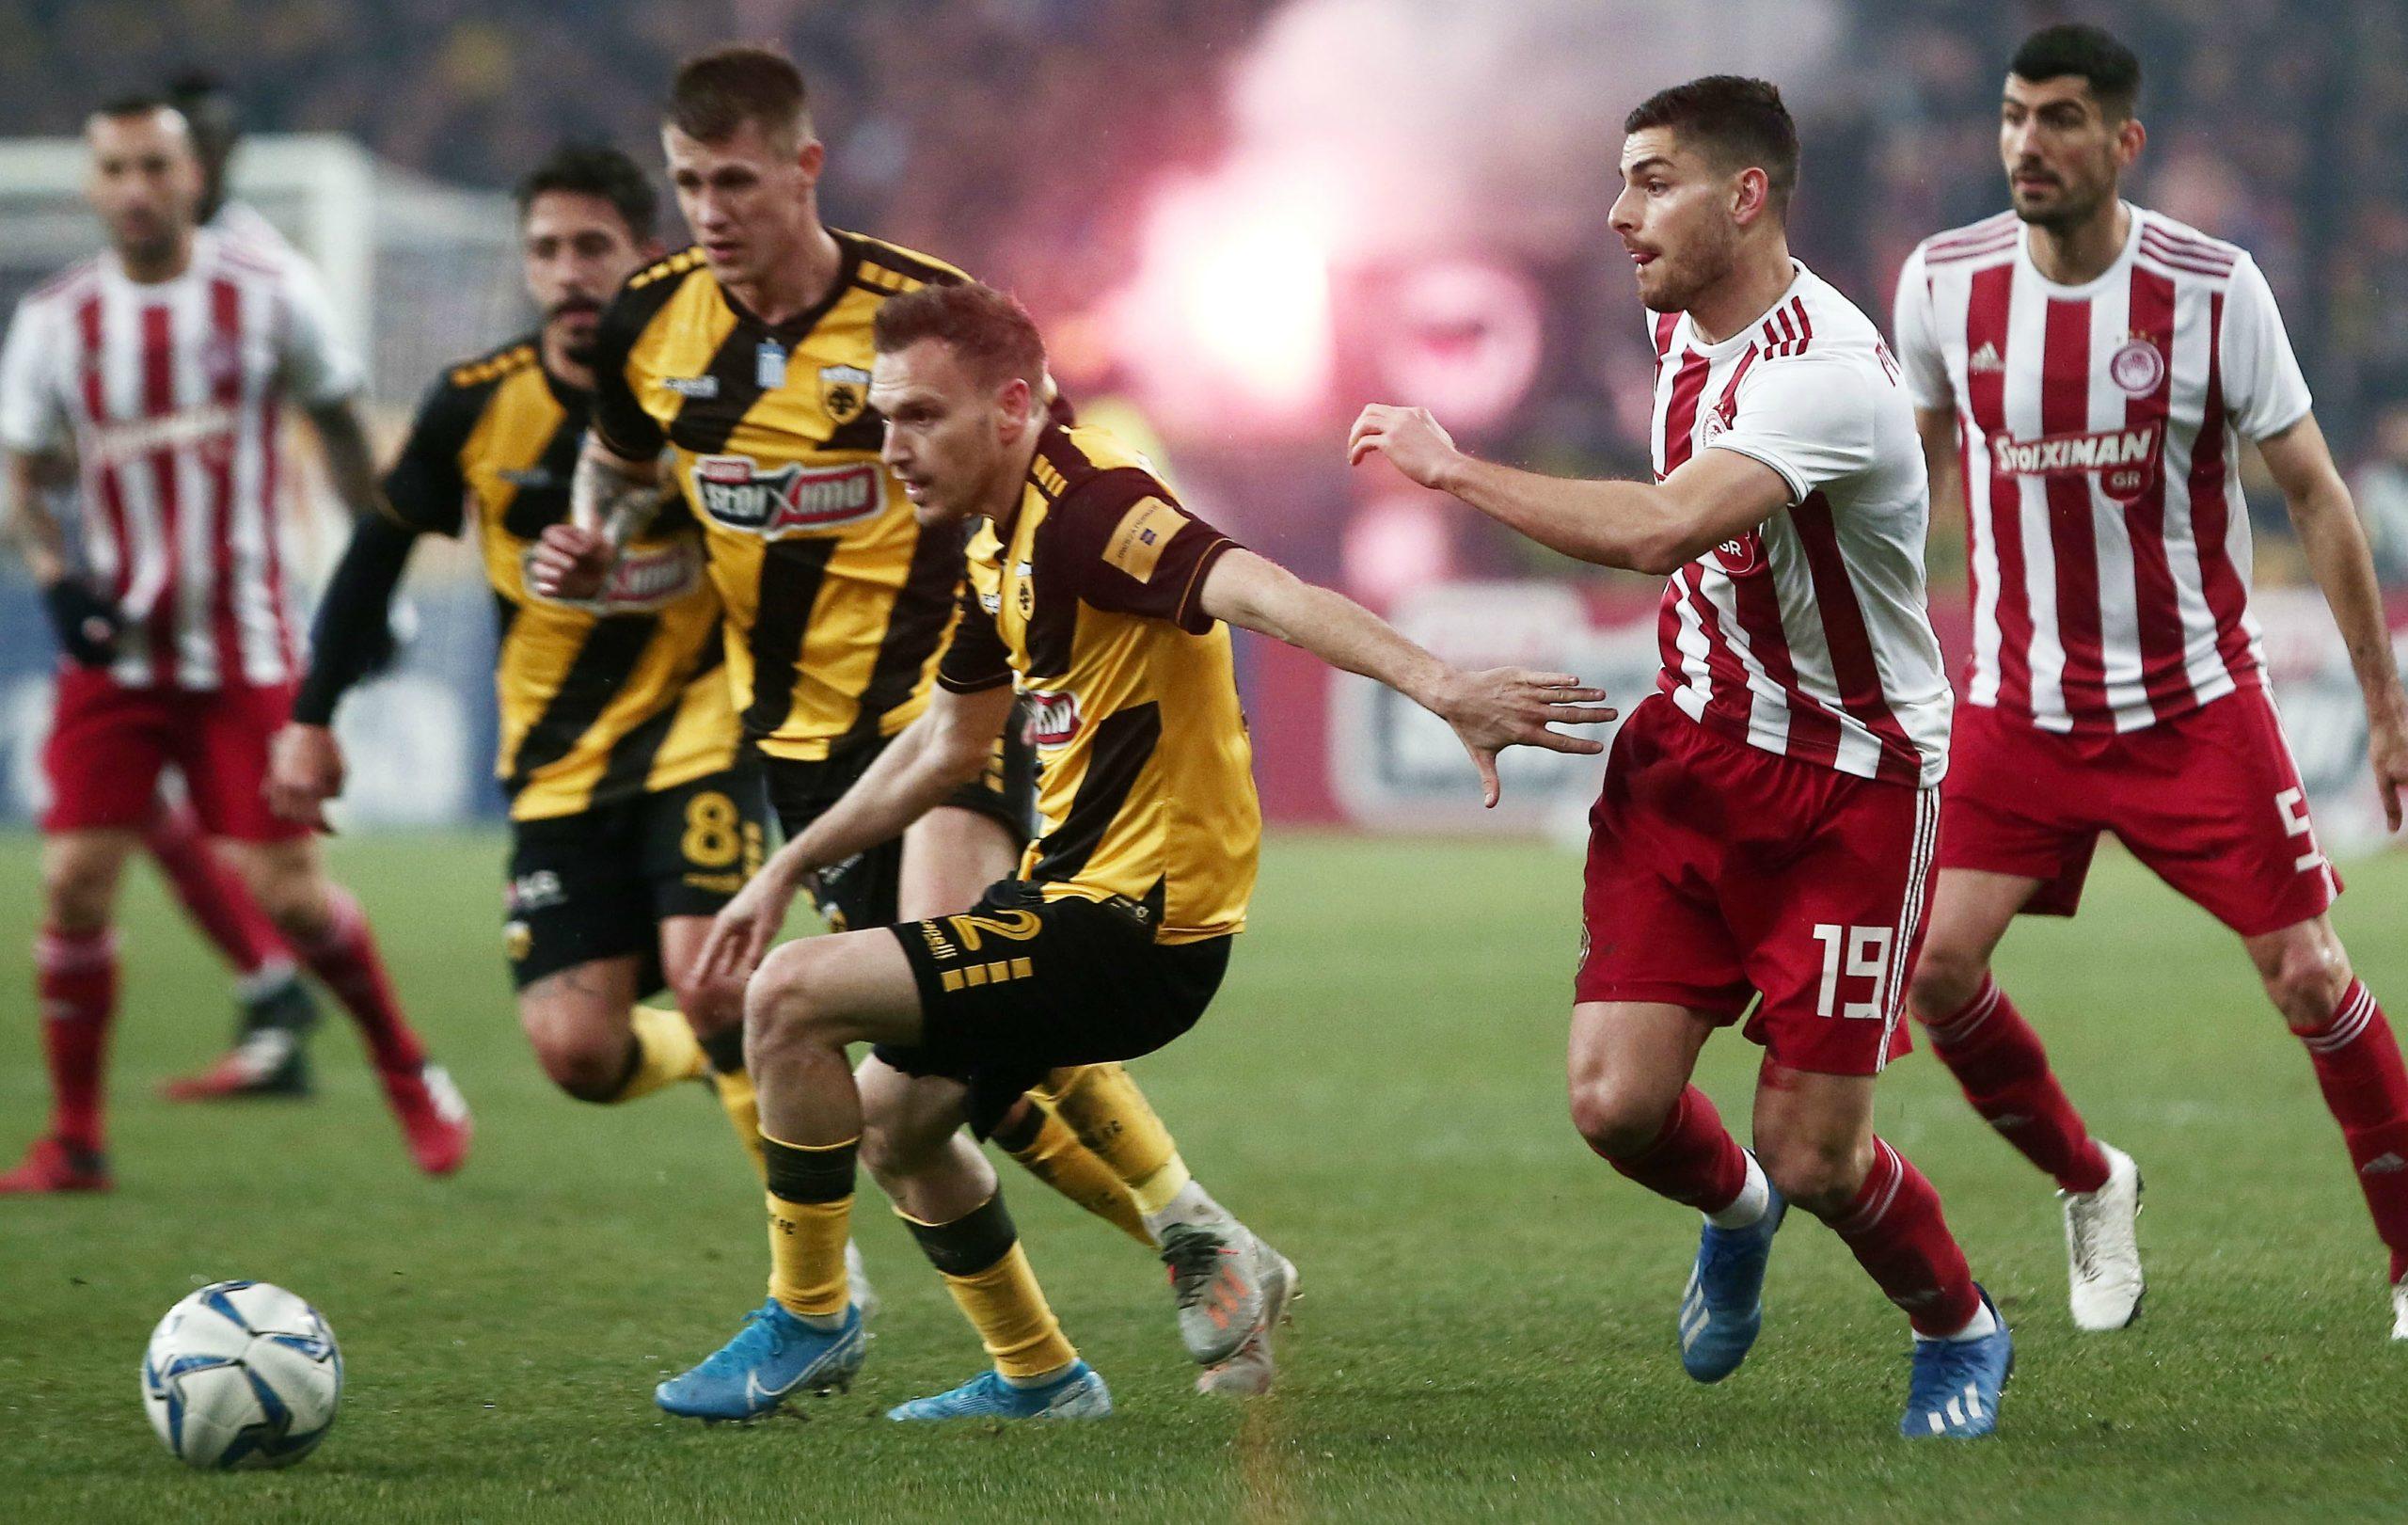 Μπακάκης: «Μας αφήνει πικρία το 0-0, θέλαμε την νίκη» - Sportime.GR